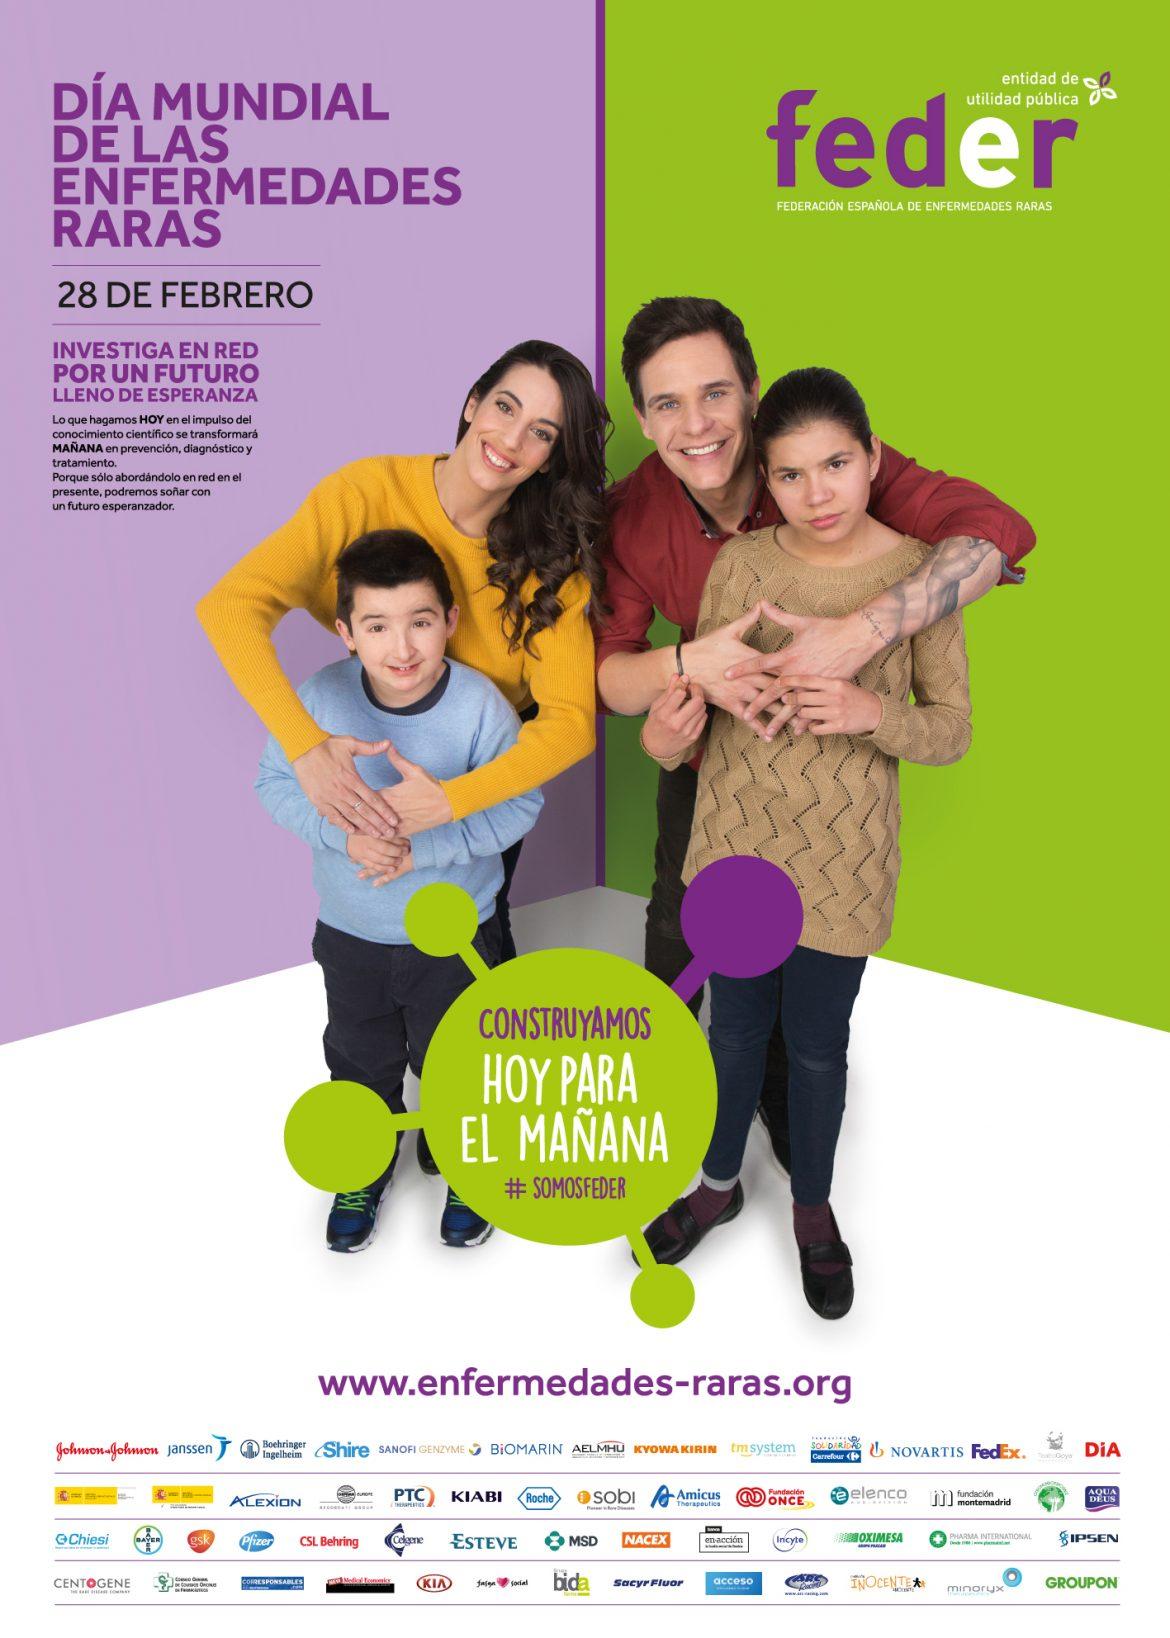 Almudena Cid y Christian Gálvez, embajadores solidarios de las enfermedades raras